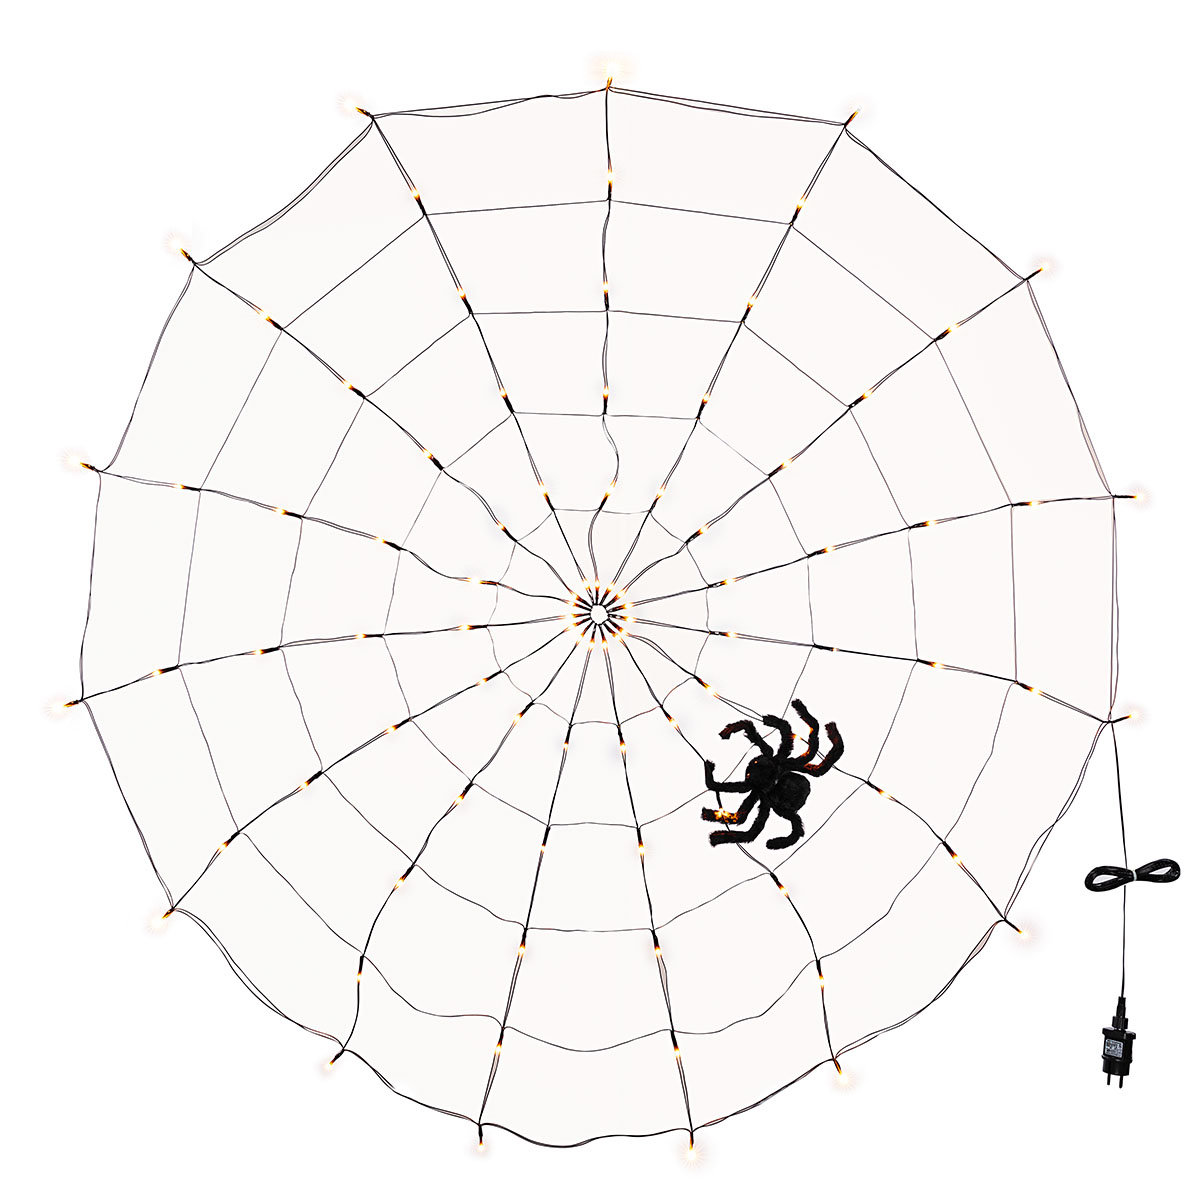 LED-Spinnennetz mit Spinne   #3